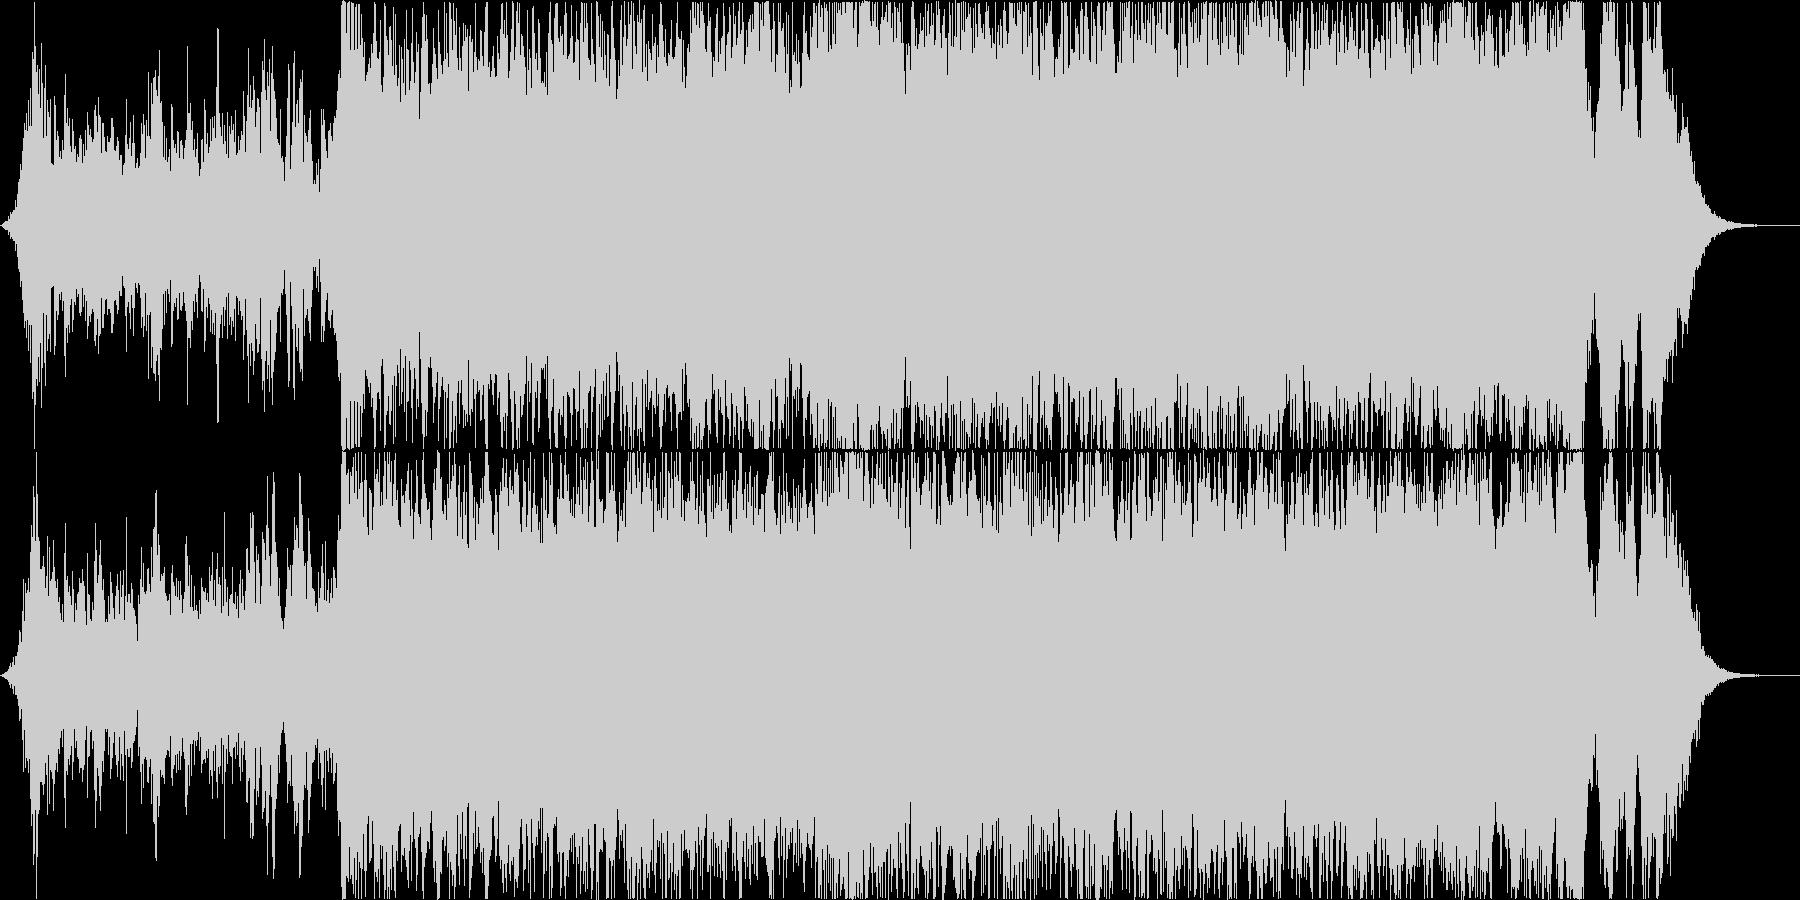 壮大なトレイラーミュージックの未再生の波形